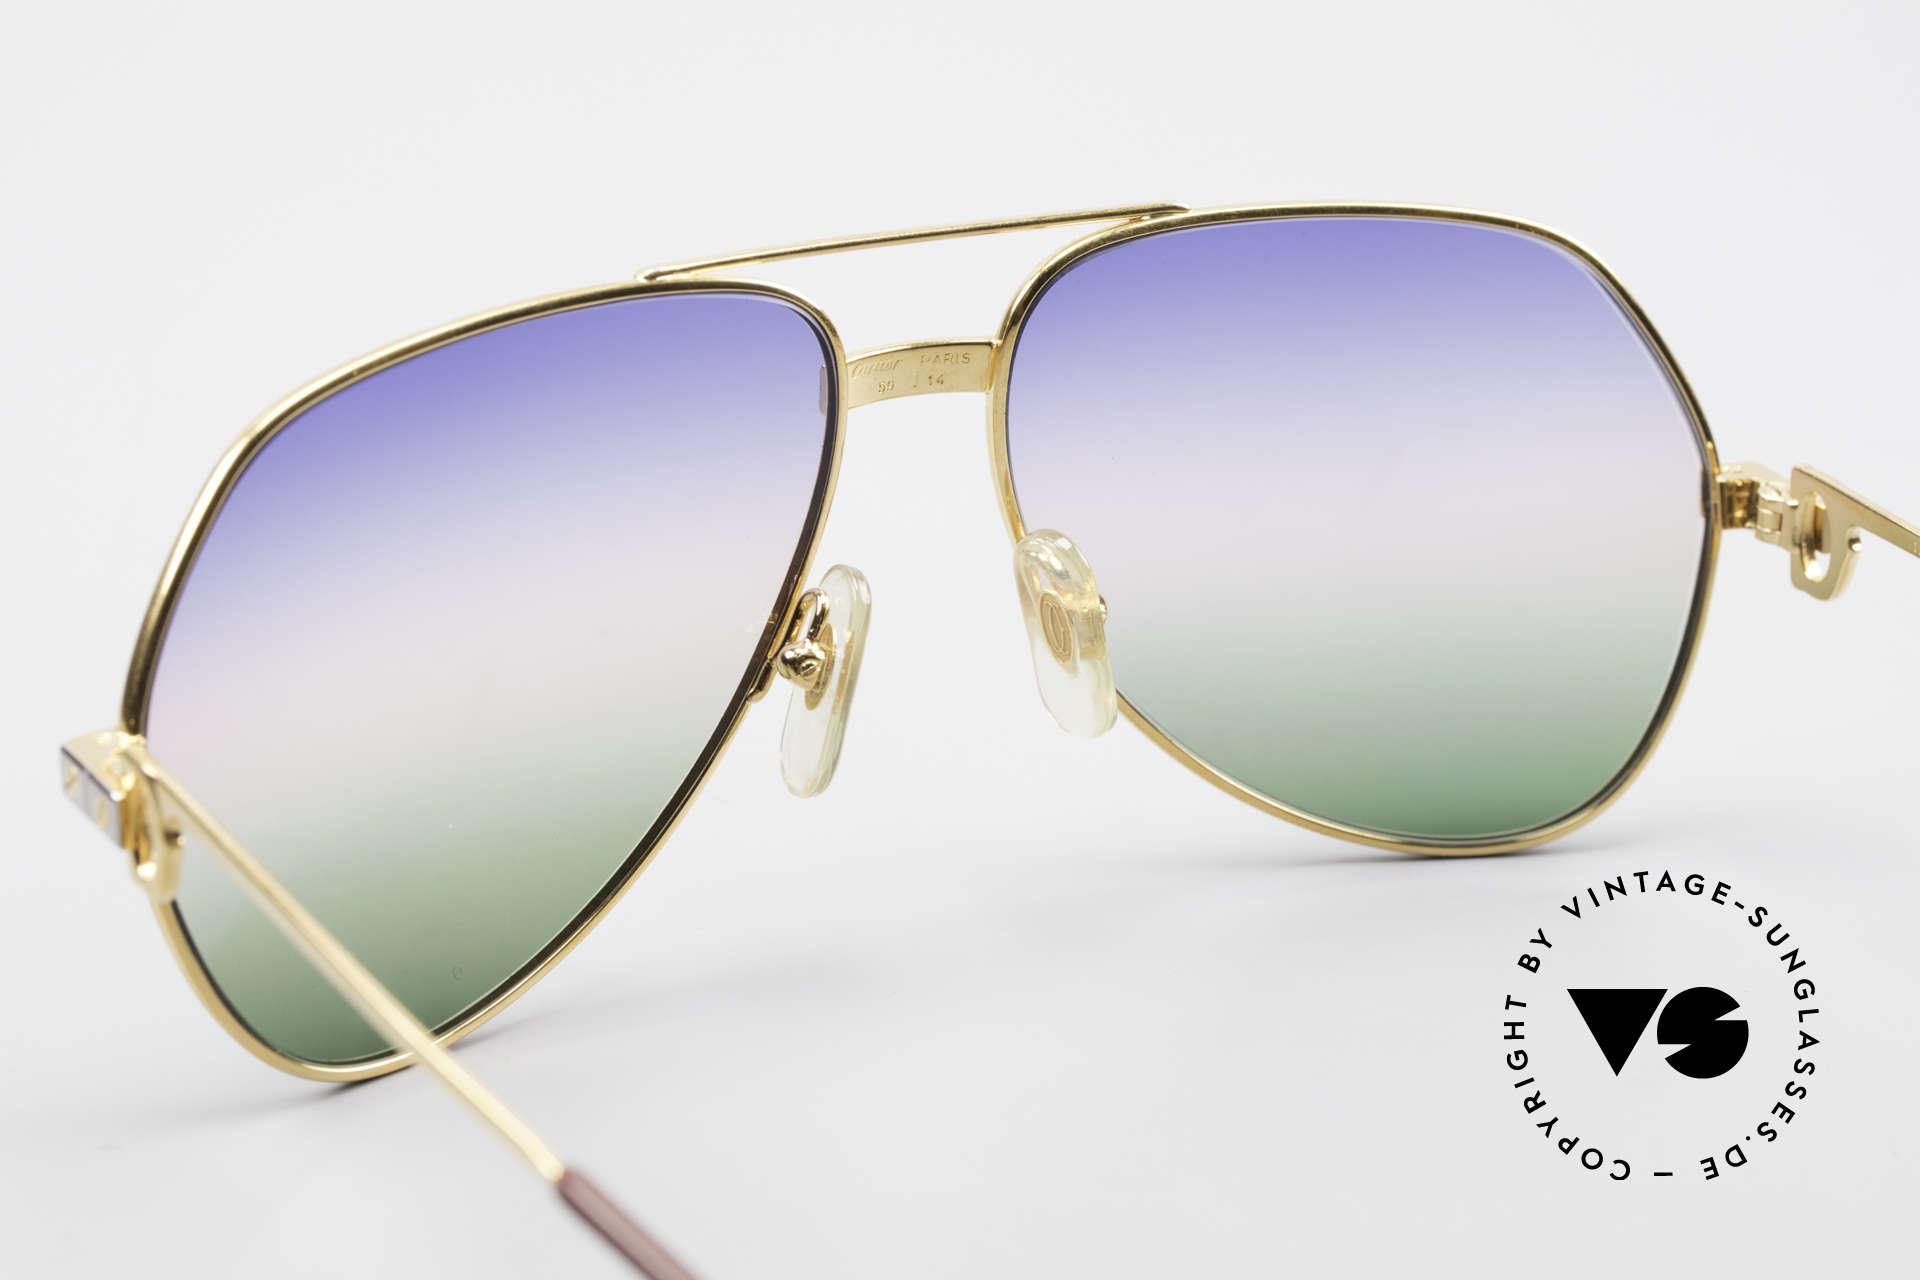 Cartier Vendome Santos - M Rare Vintage Brille 80er Luxus, 2nd hand Modell im neuwertigen Zustand + Gucci Etui, Passend für Herren und Damen